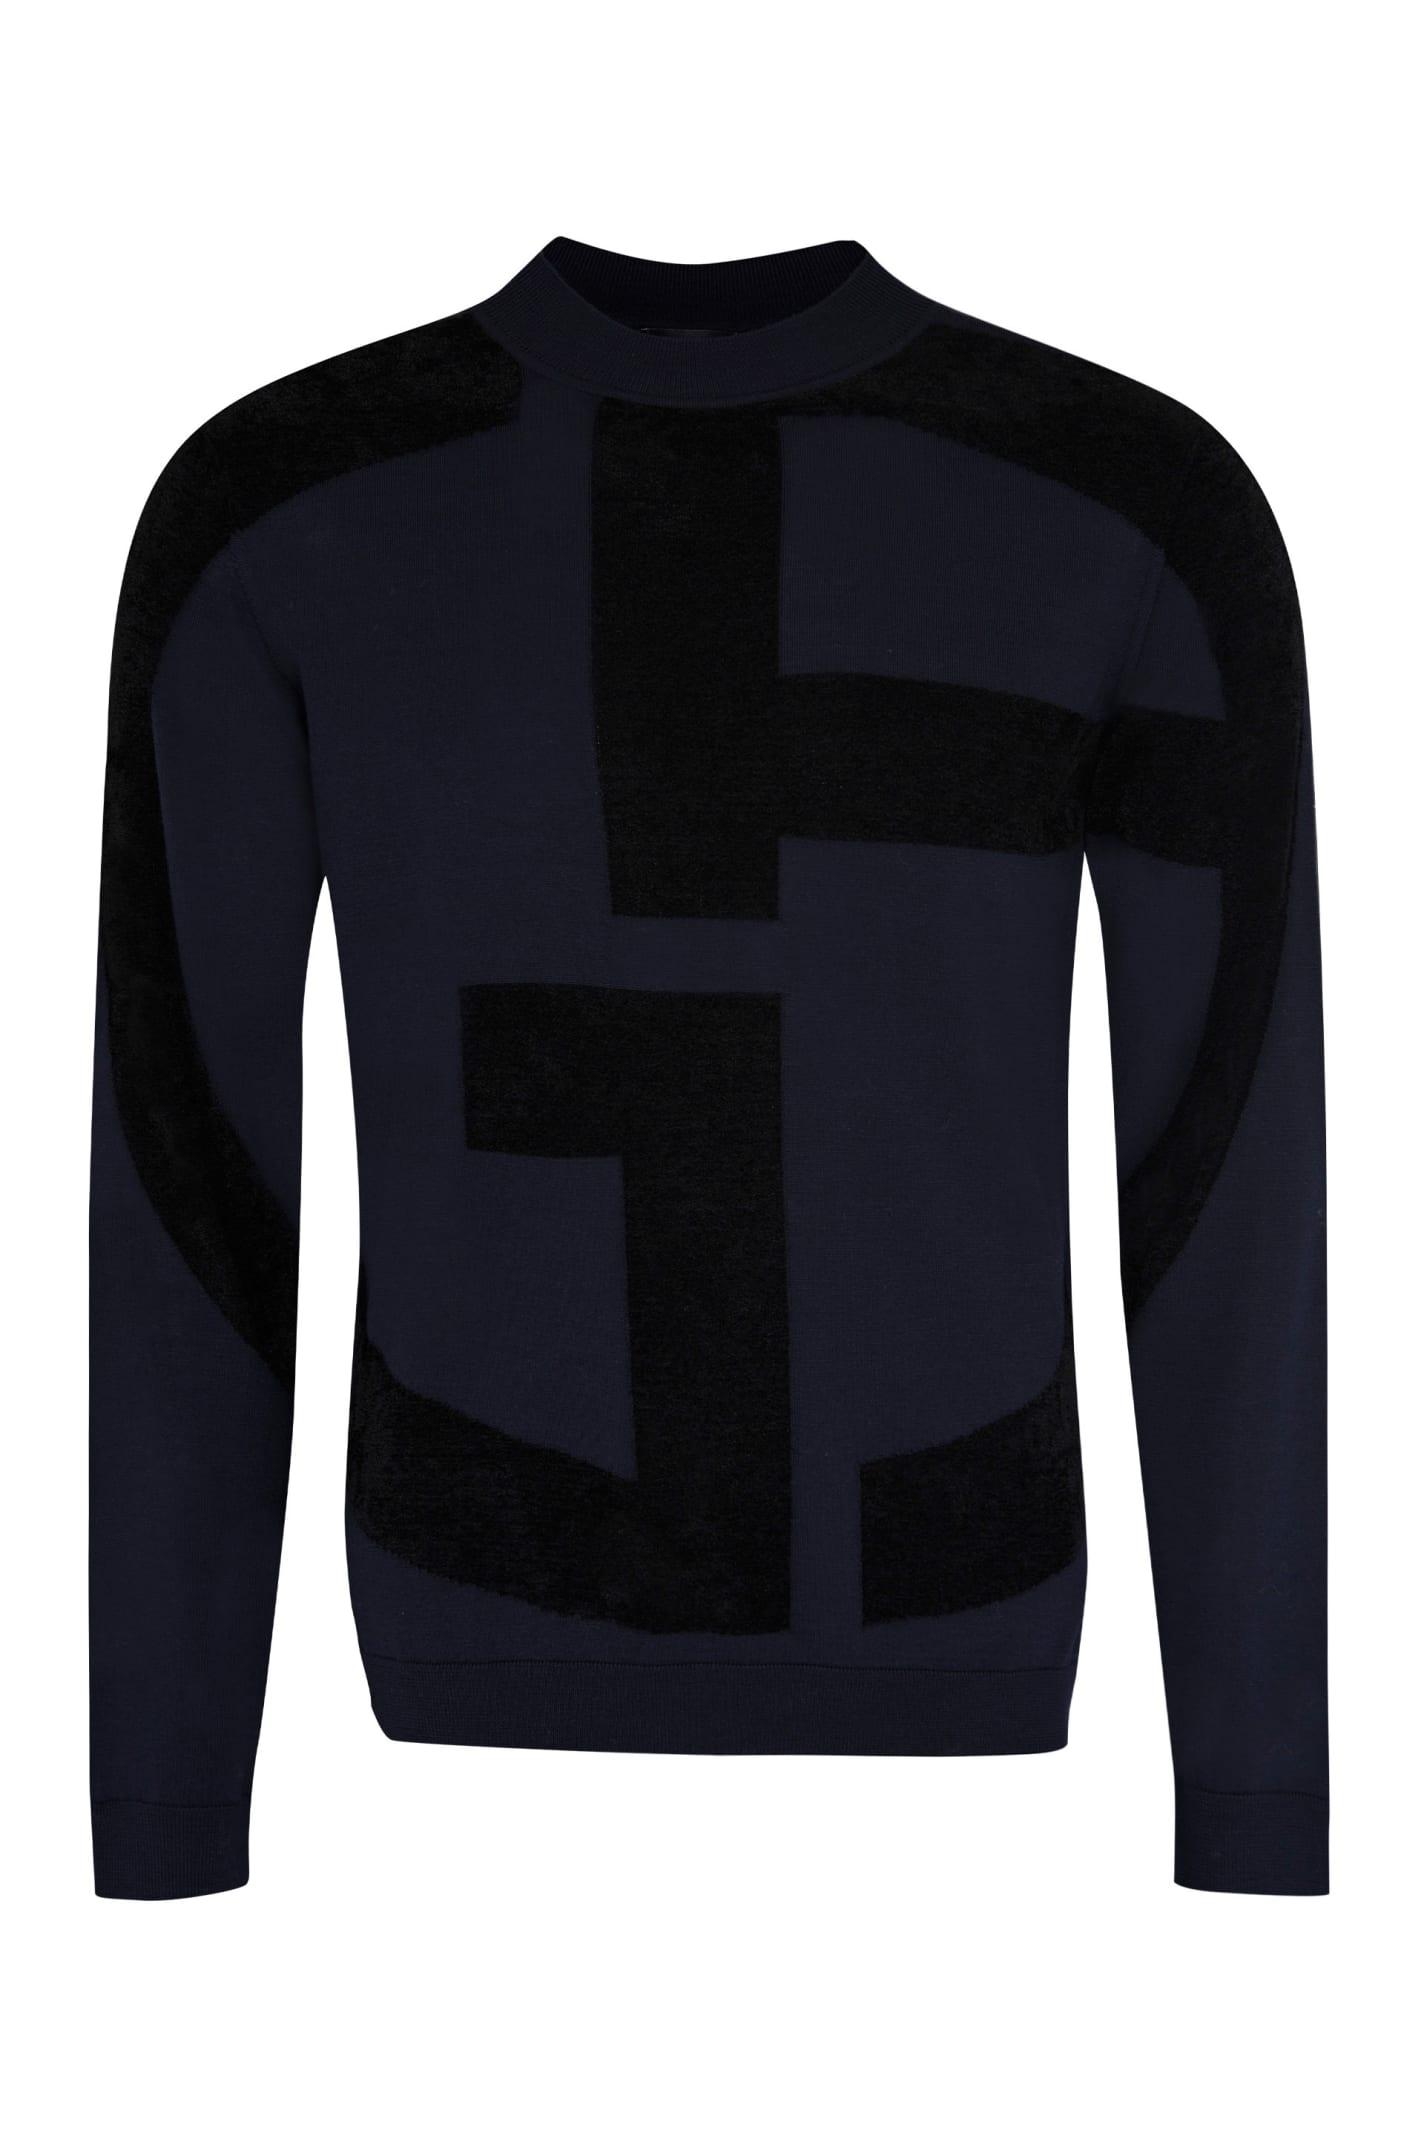 Giorgio Armani Virgin Wool Sweater